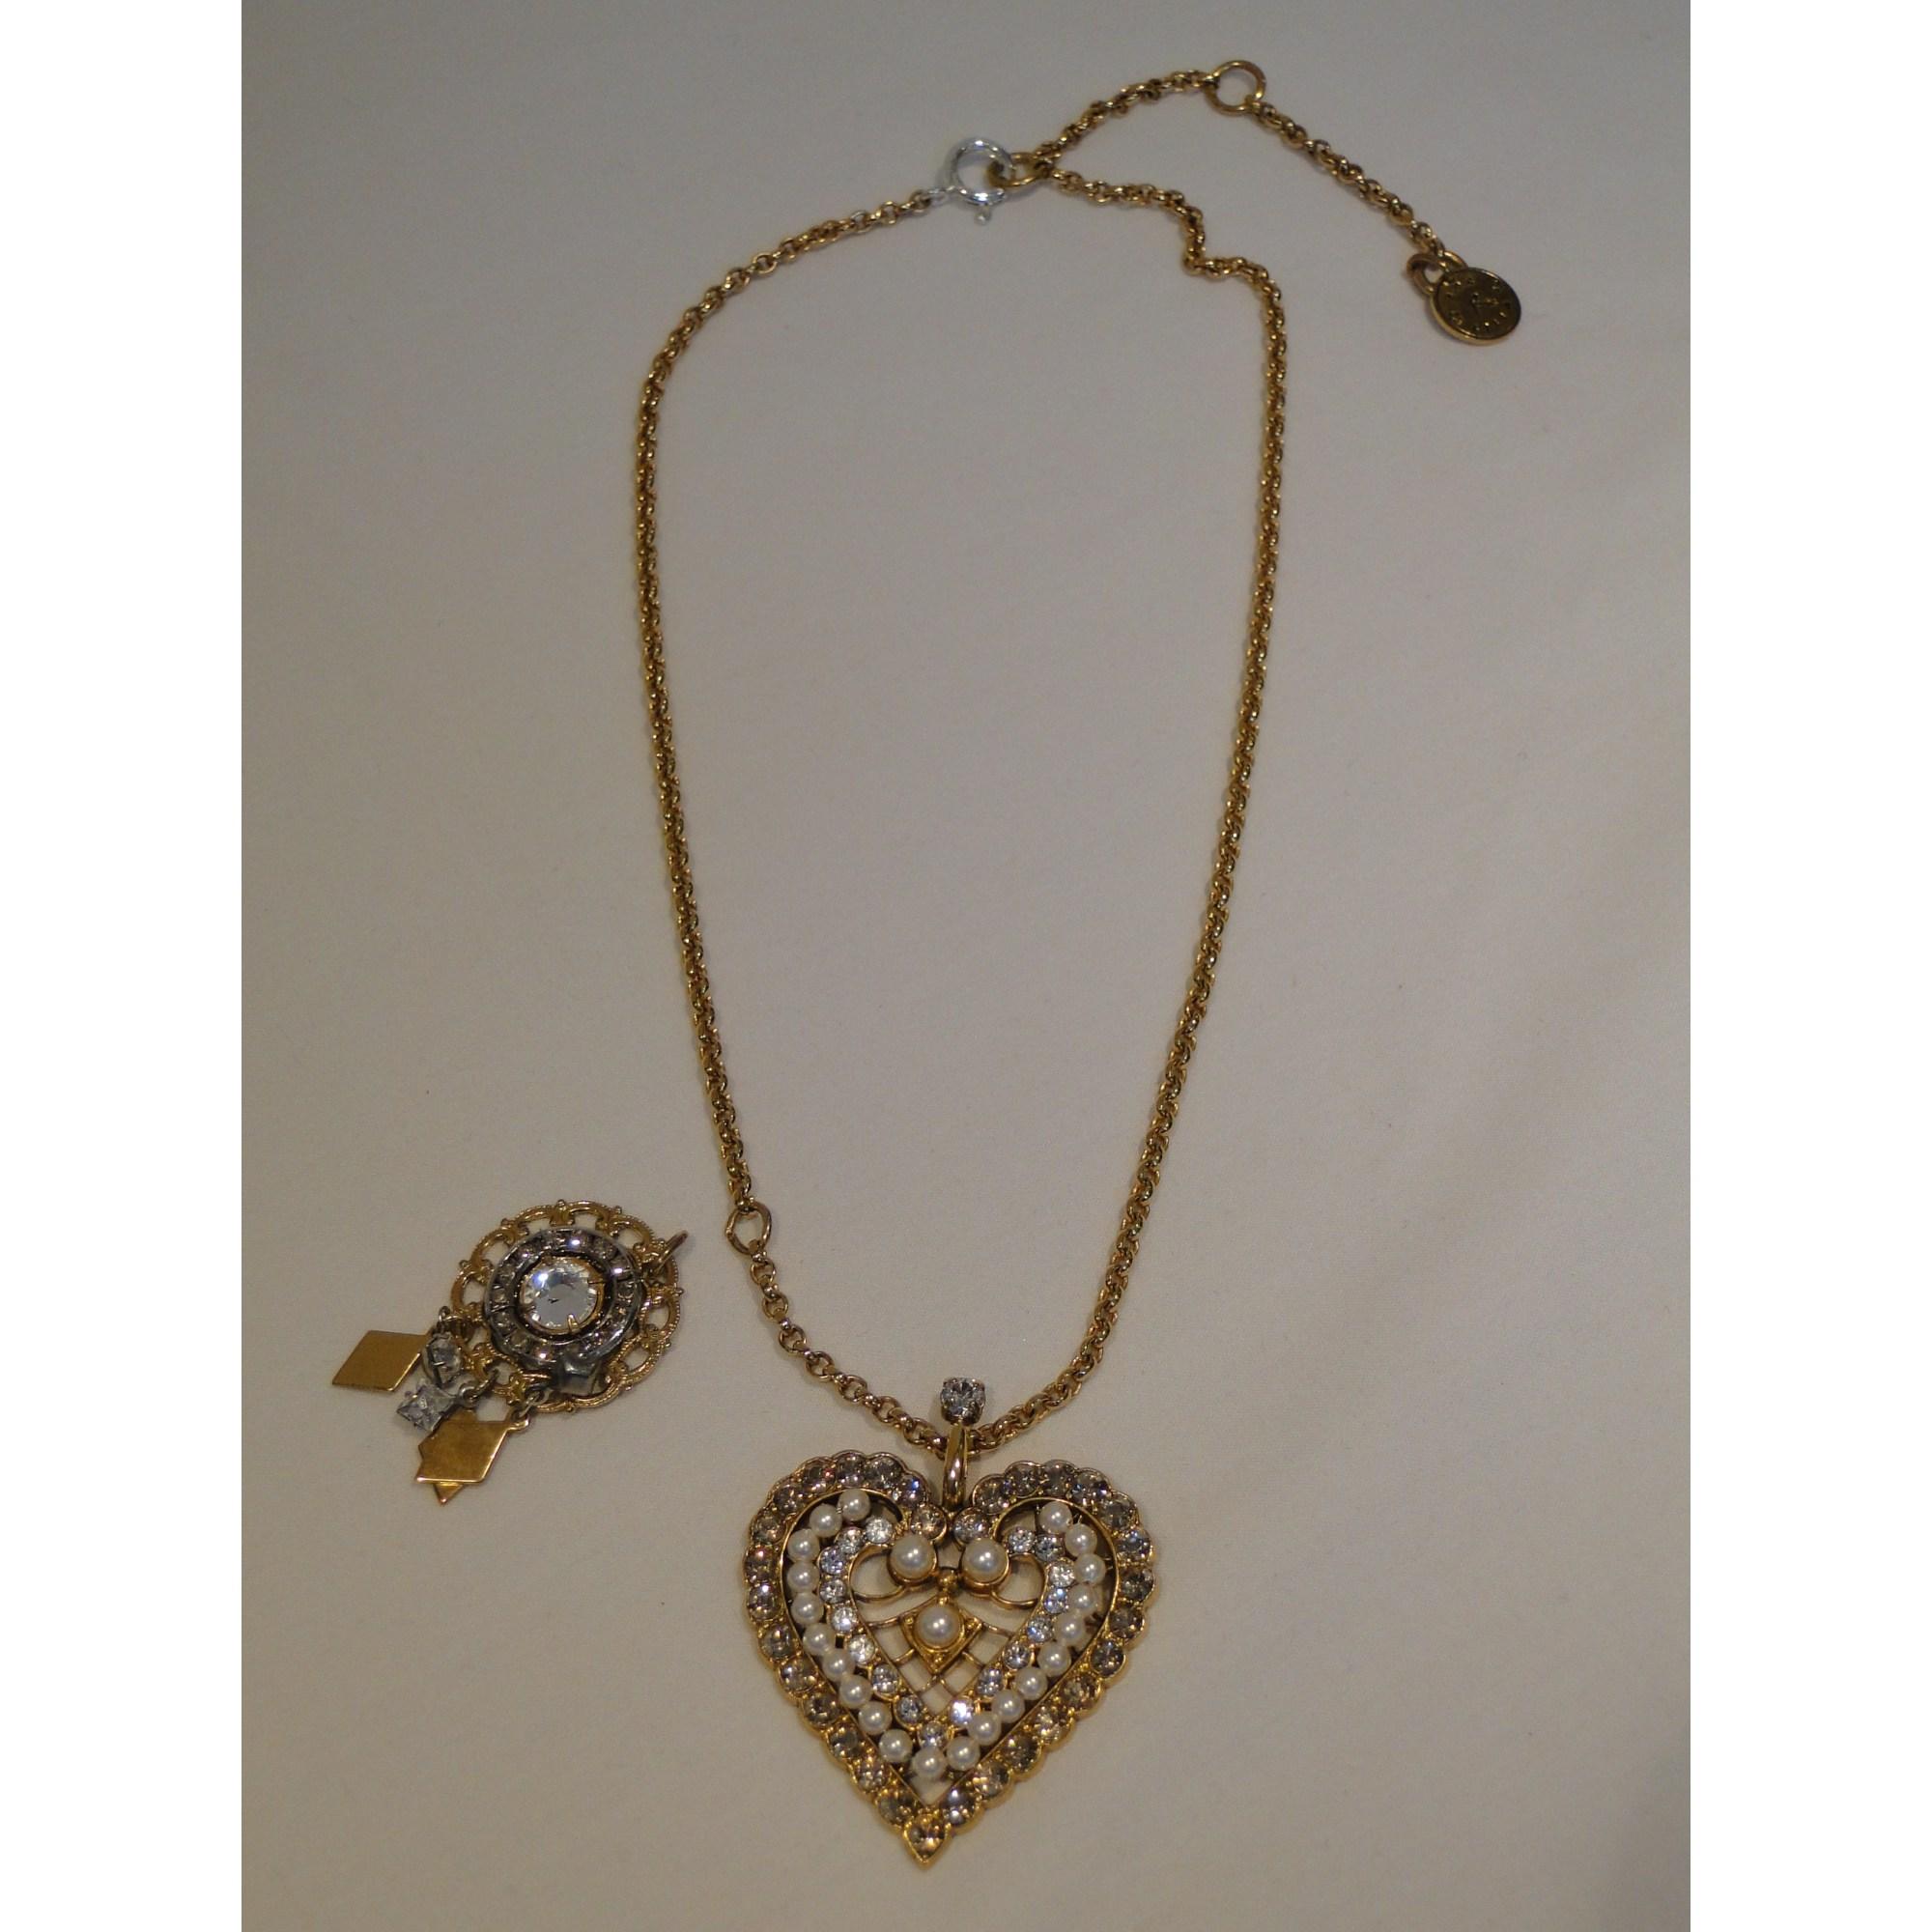 Pendentif, collier pendentif REMINISCENCE Doré, bronze, cuivre